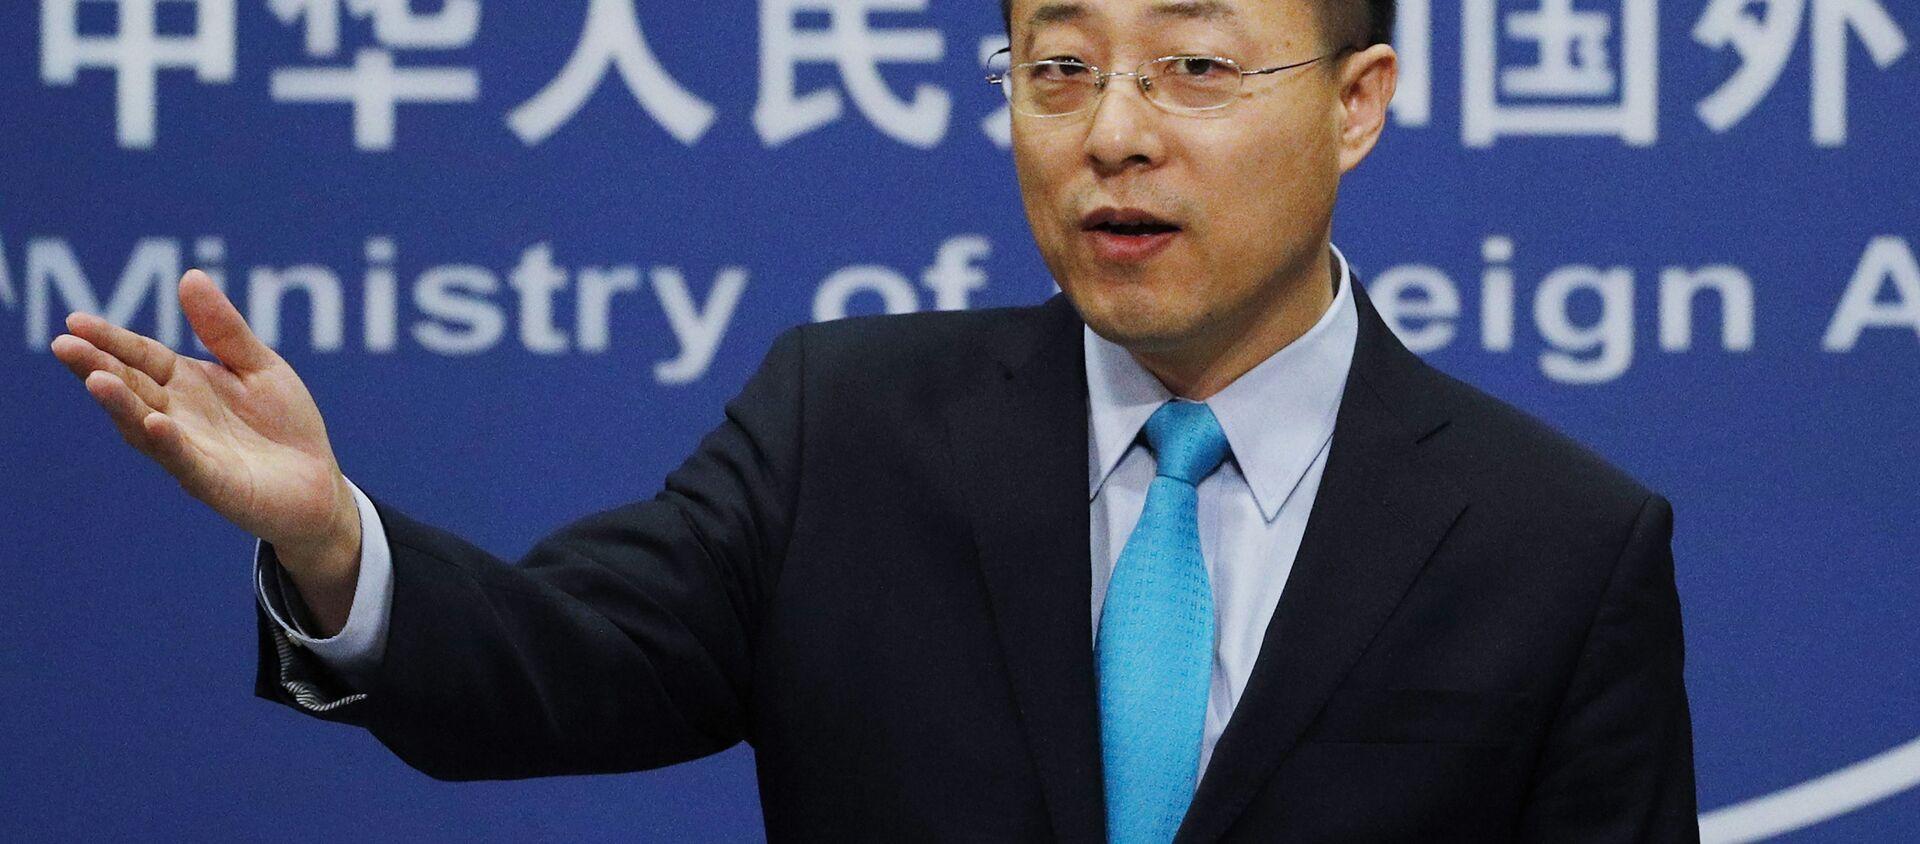 Người phát ngôn Bộ Ngoại giao Trung Quốc Triệu Lập Kiên (Zhao Lijian). - Sputnik Việt Nam, 1920, 20.05.2021